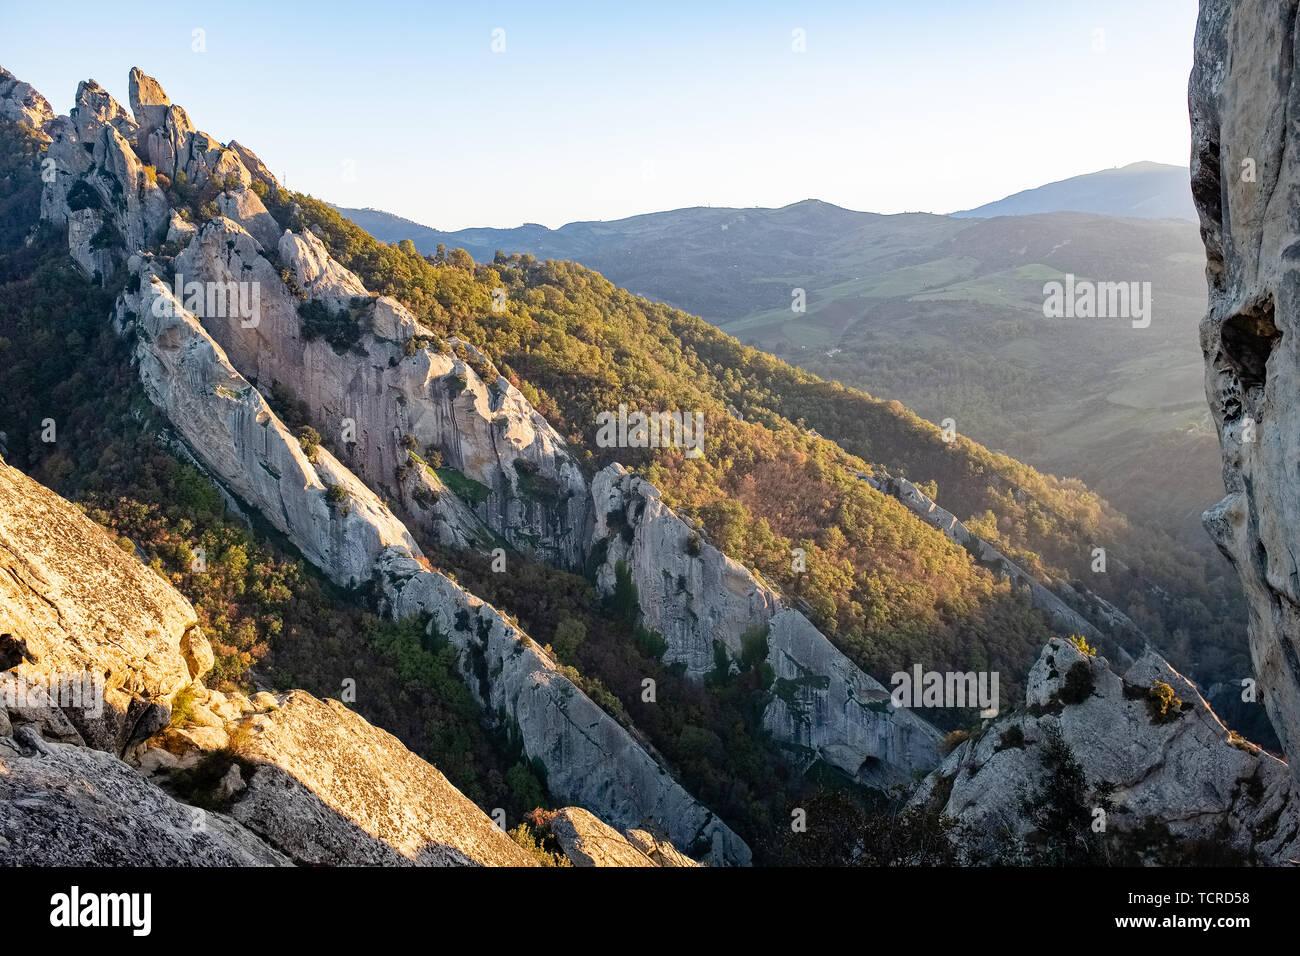 Sunset landscape of Dolomites of Basilicata mountains called Dolomiti Lucane. Basilicata region, Italy Stock Photo